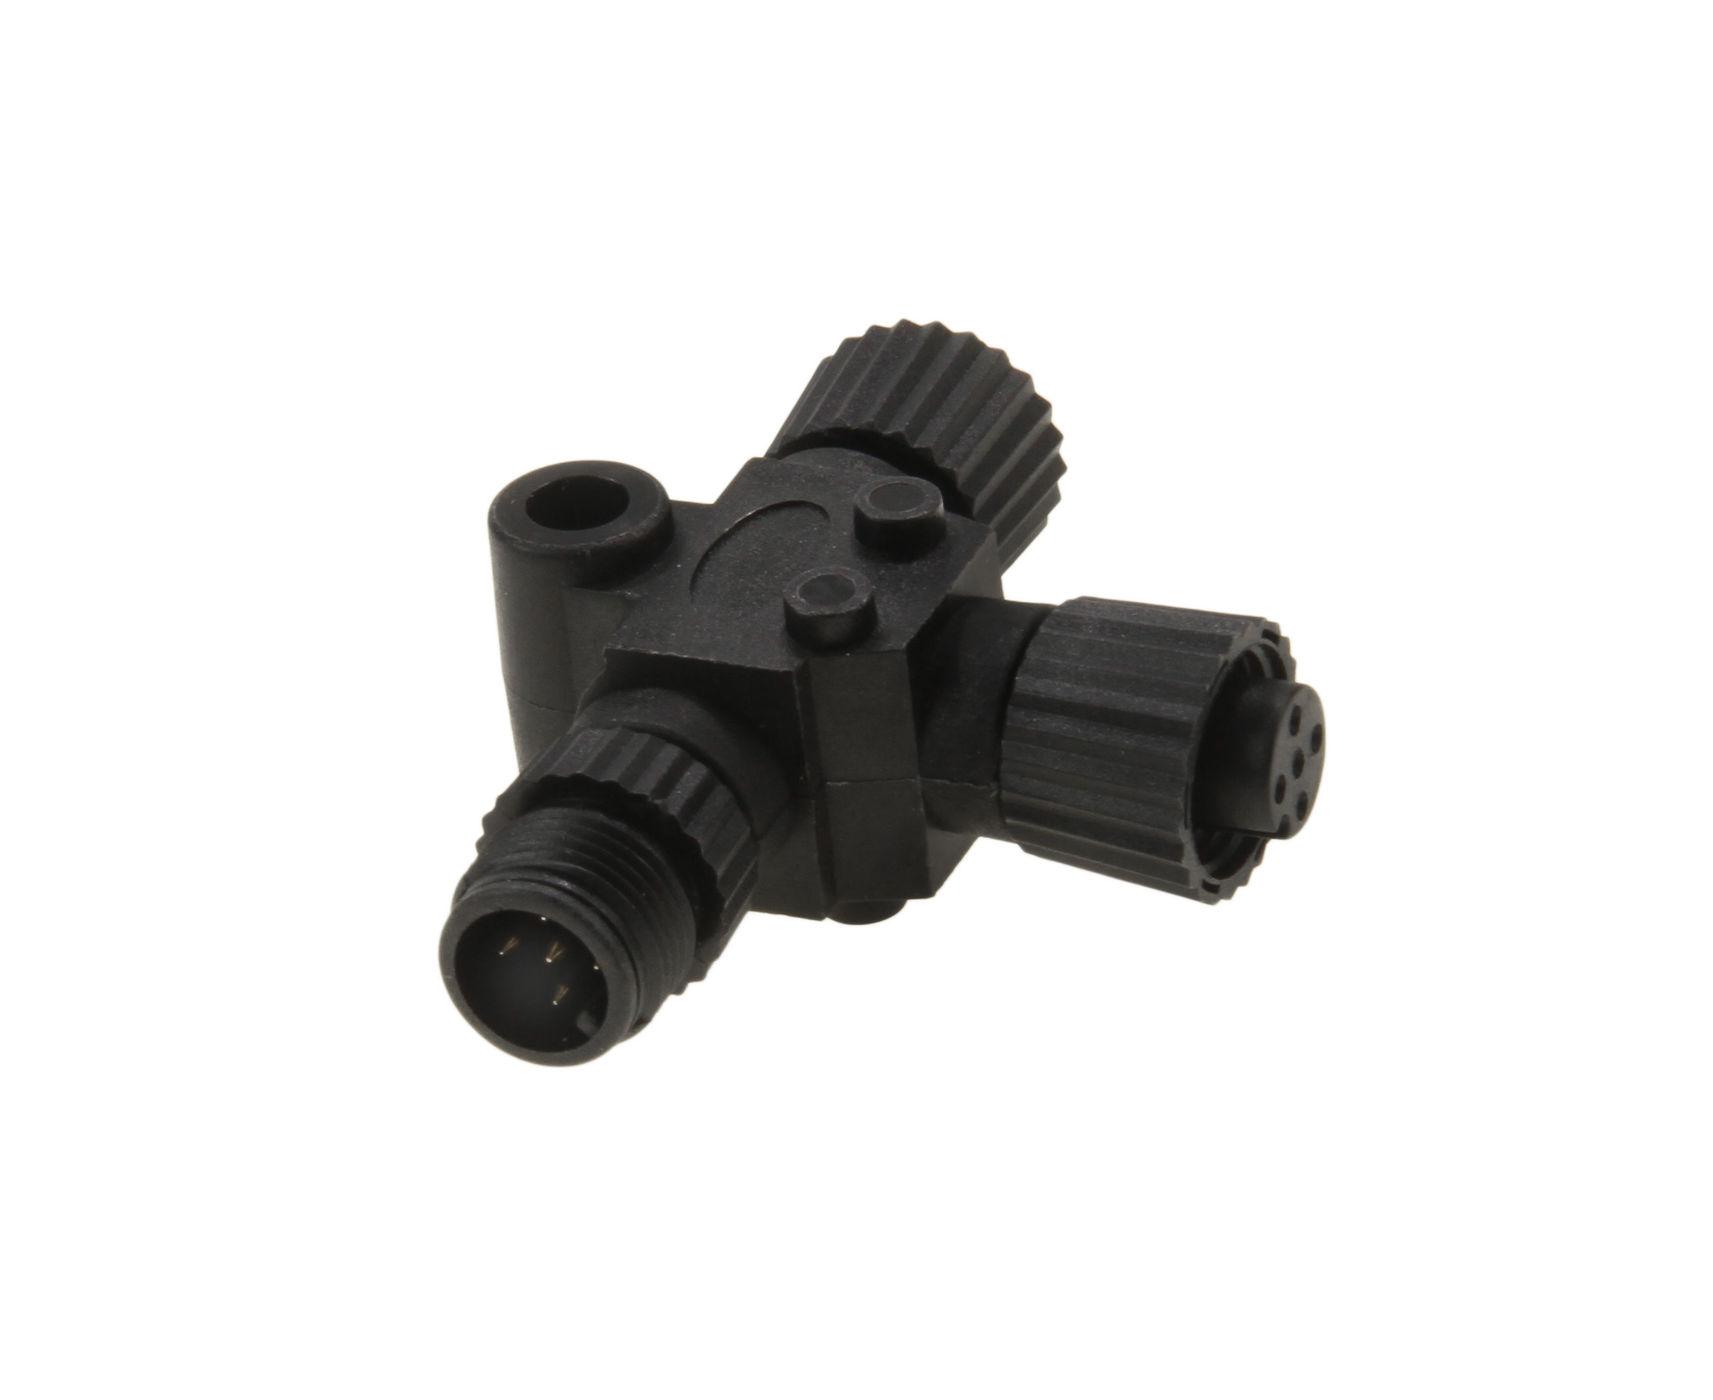 T-connector Nmea2000 SMIs Suzuki 3666488l00000